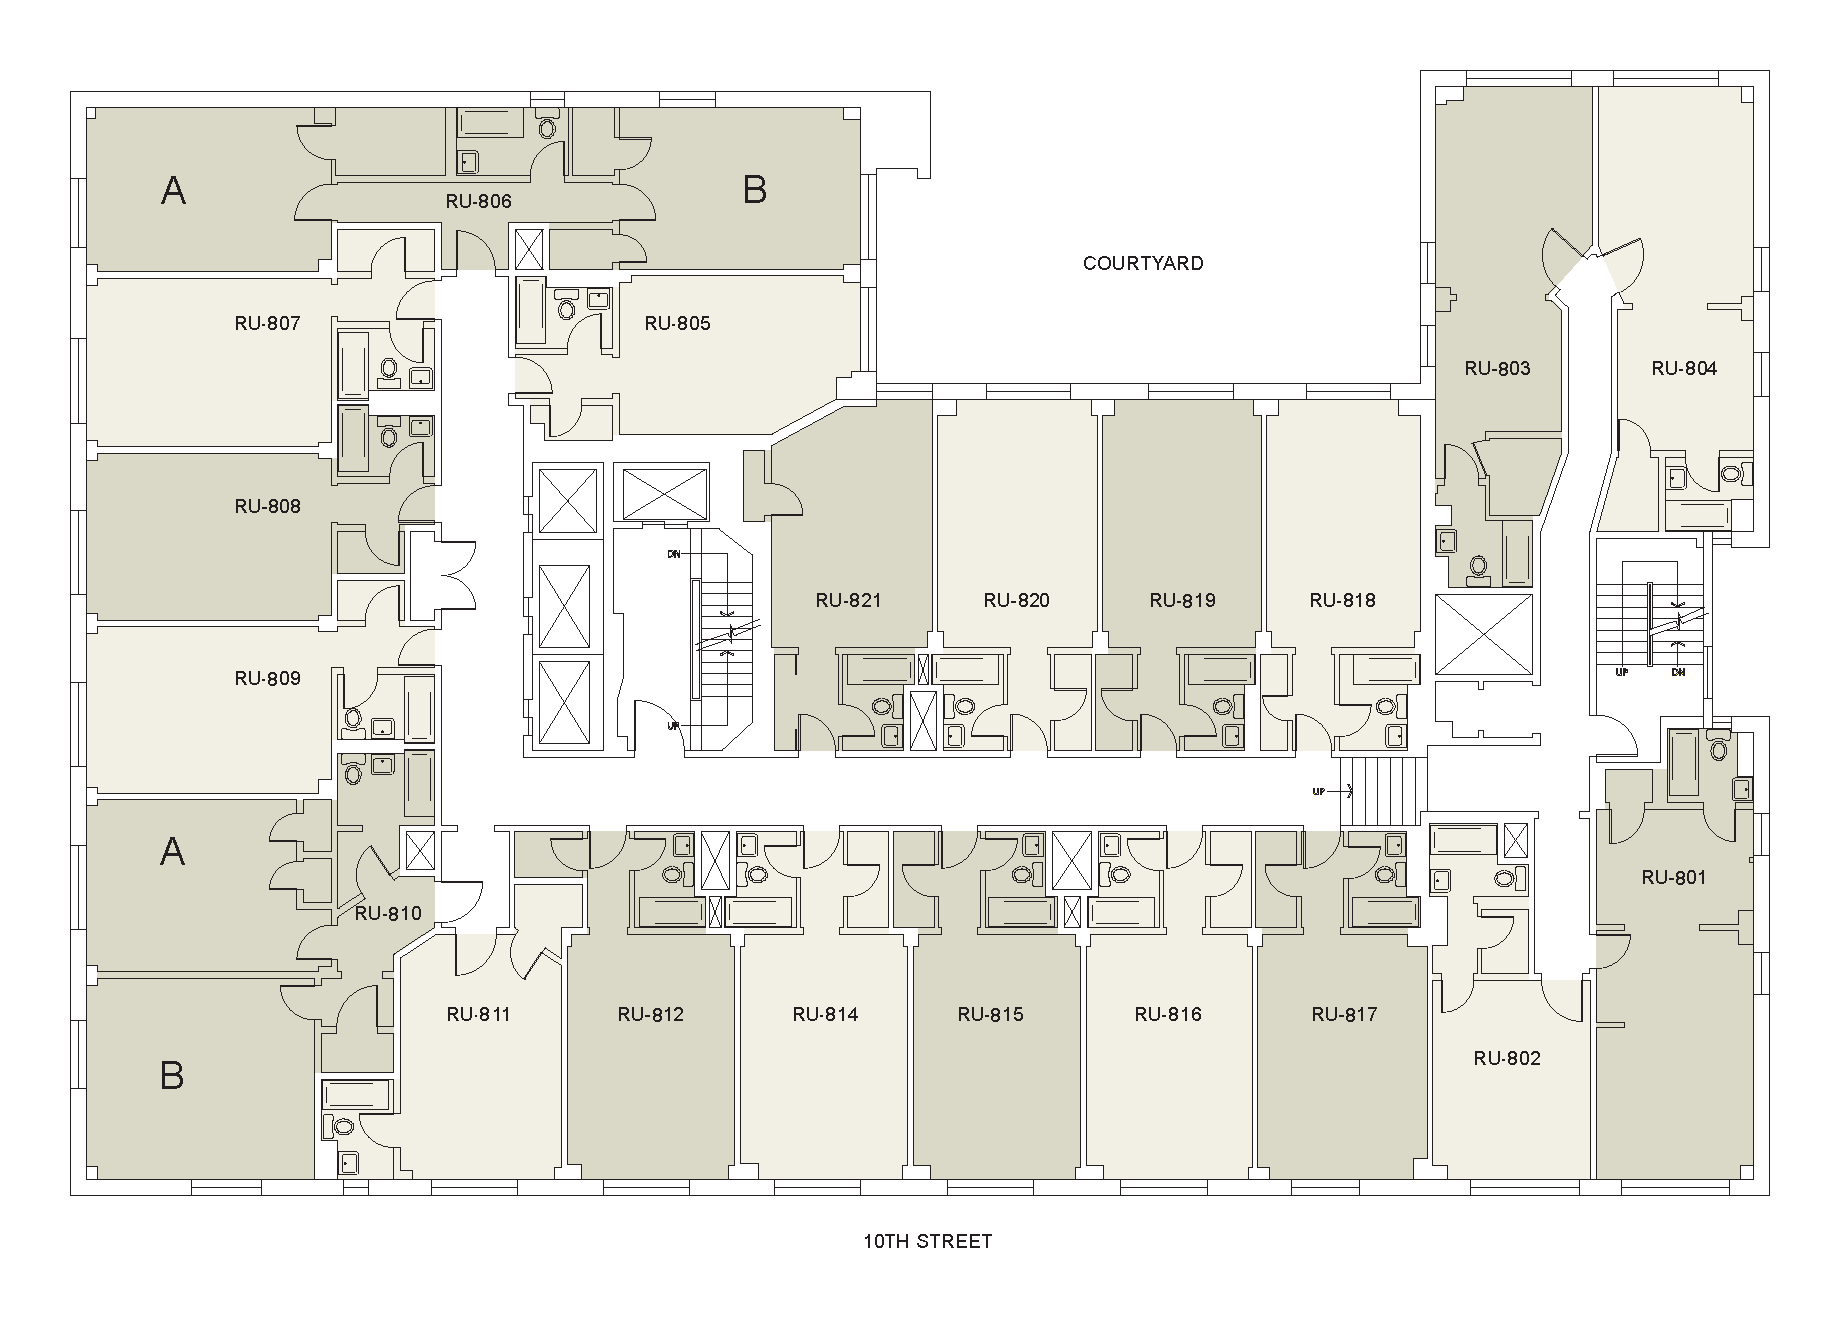 Floor plan for Rubin Floor 08